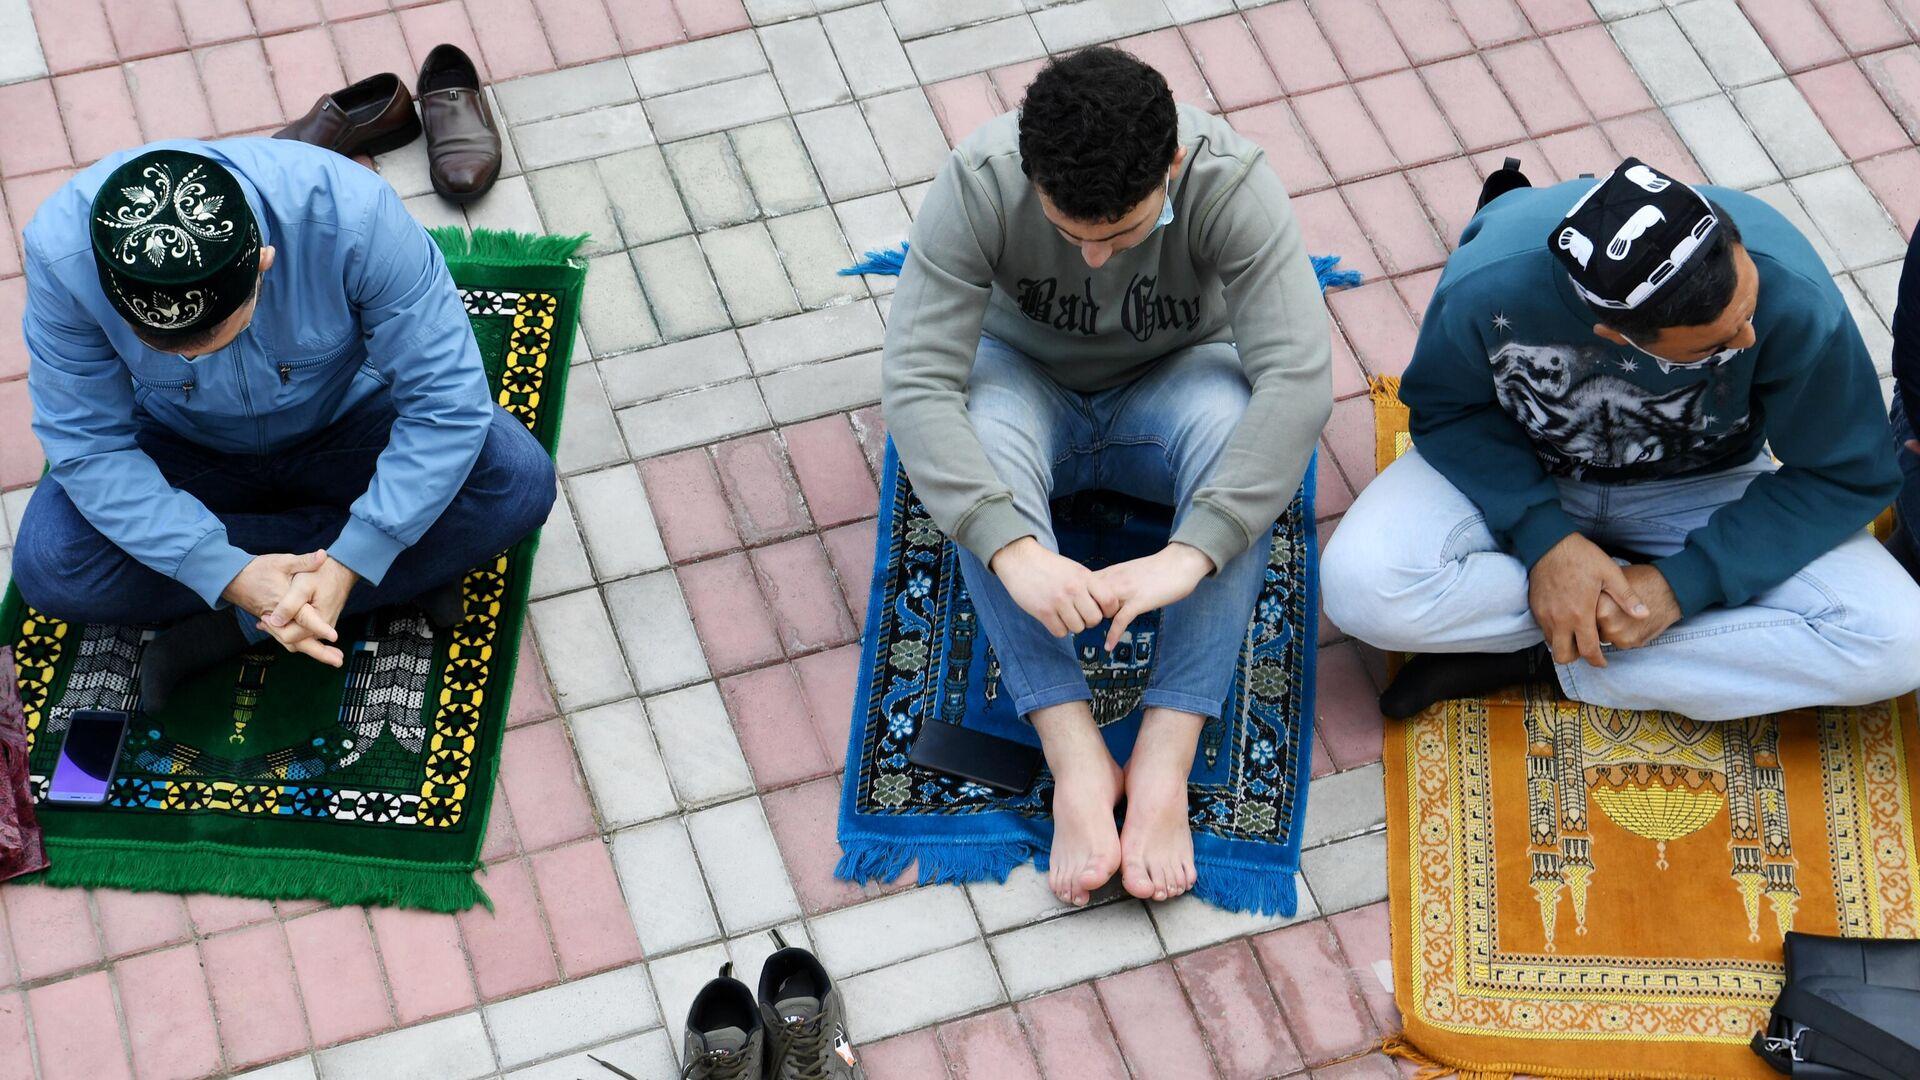 Верующие во время праздничной молитвы в честь Ураза-байрама возле мечети Кул Шариф в Казани - РИА Новости, 1920, 13.05.2021